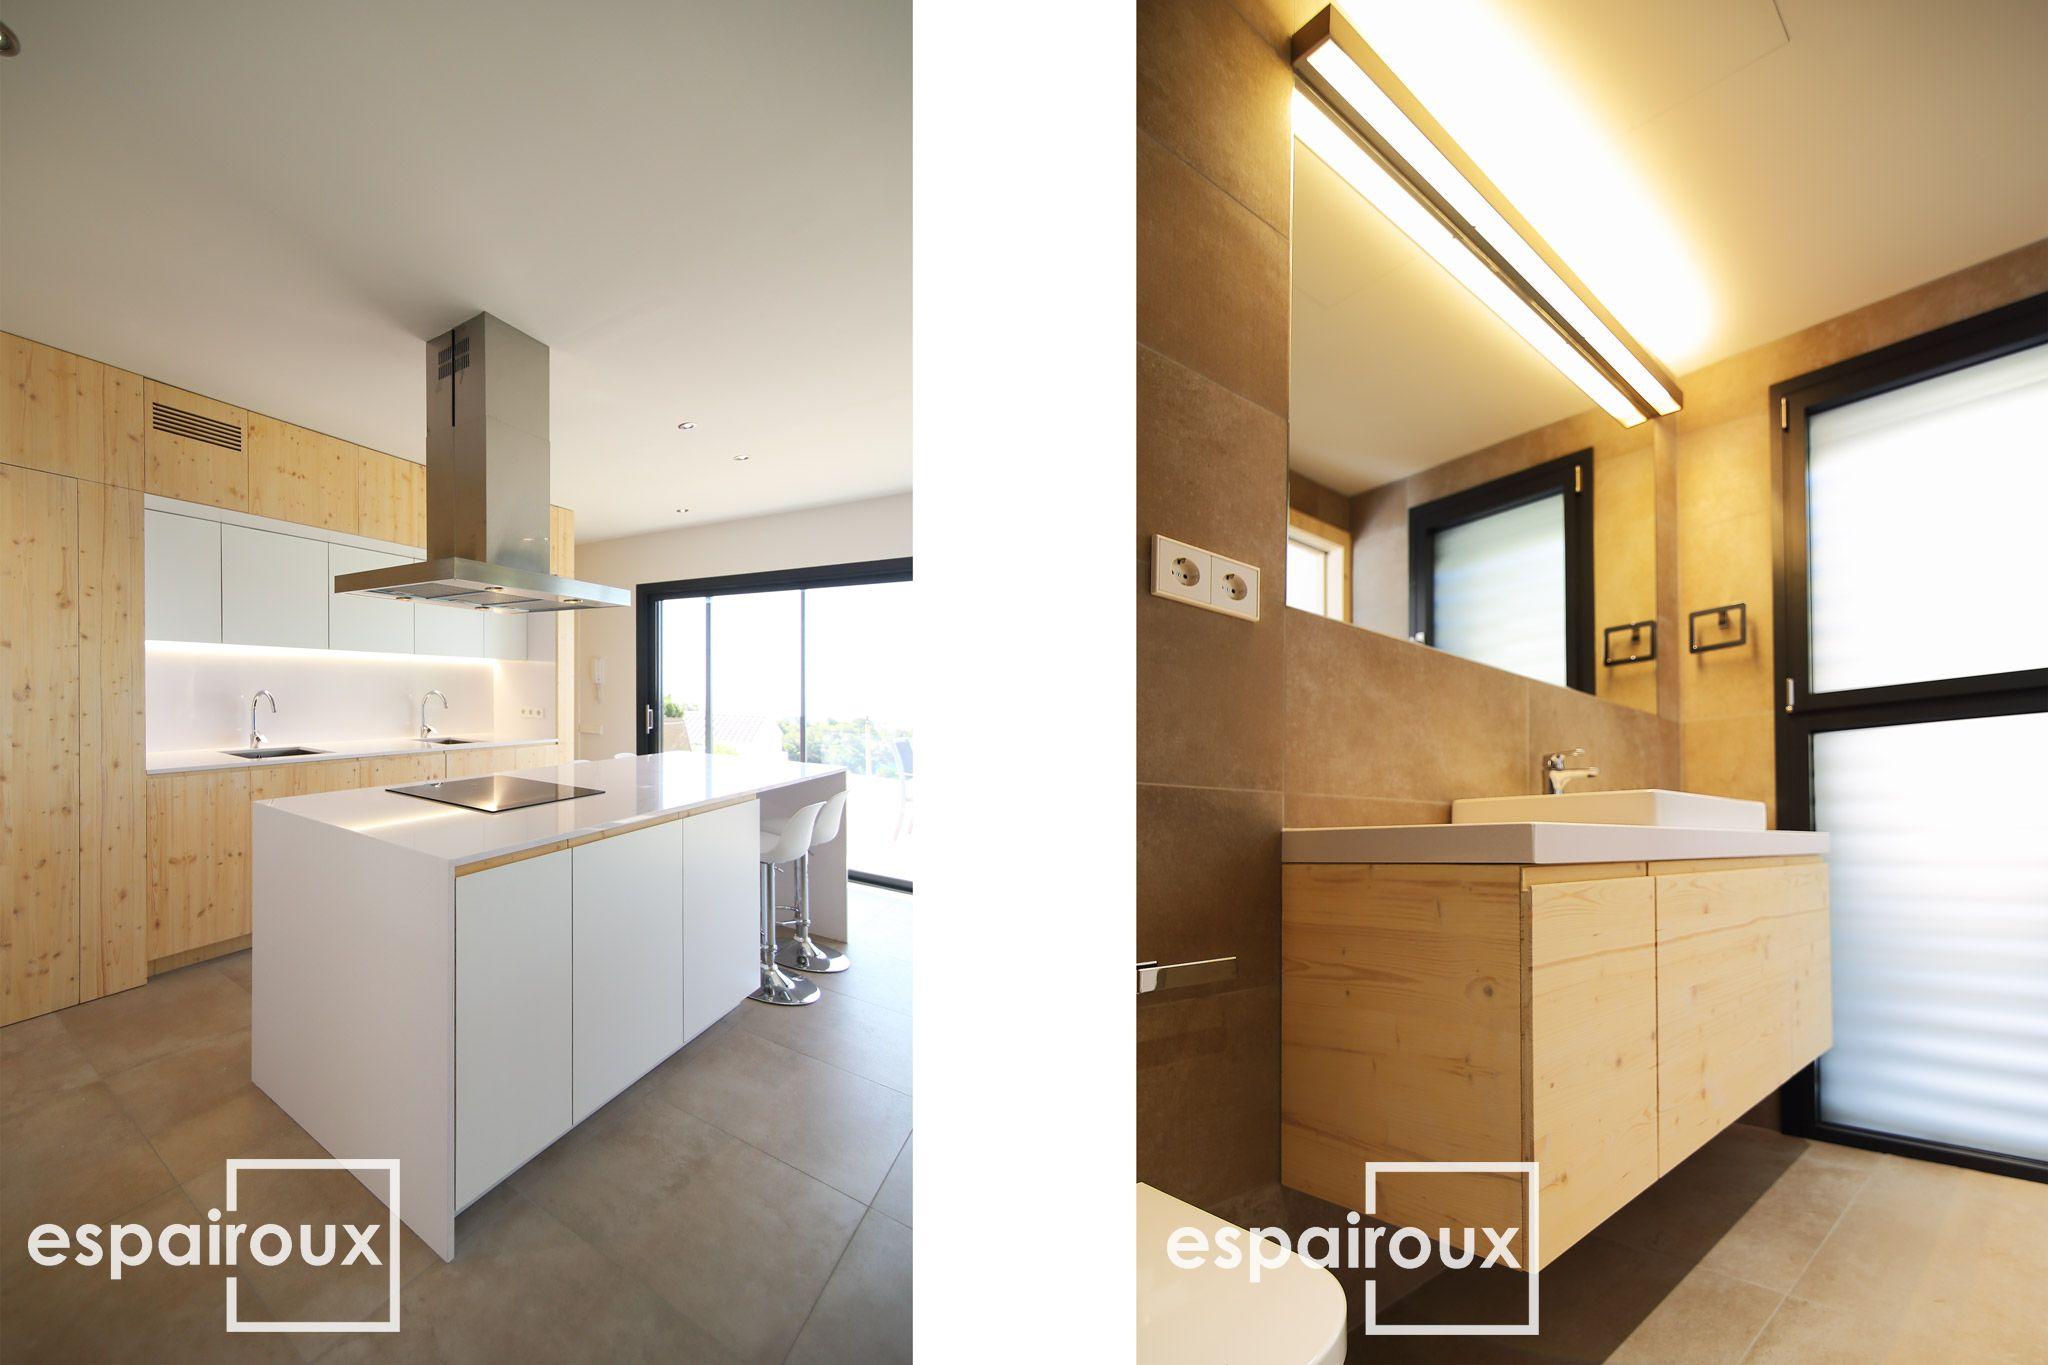 Interior, cocina y baño de una casa saludable, de elevada eficiencia ...